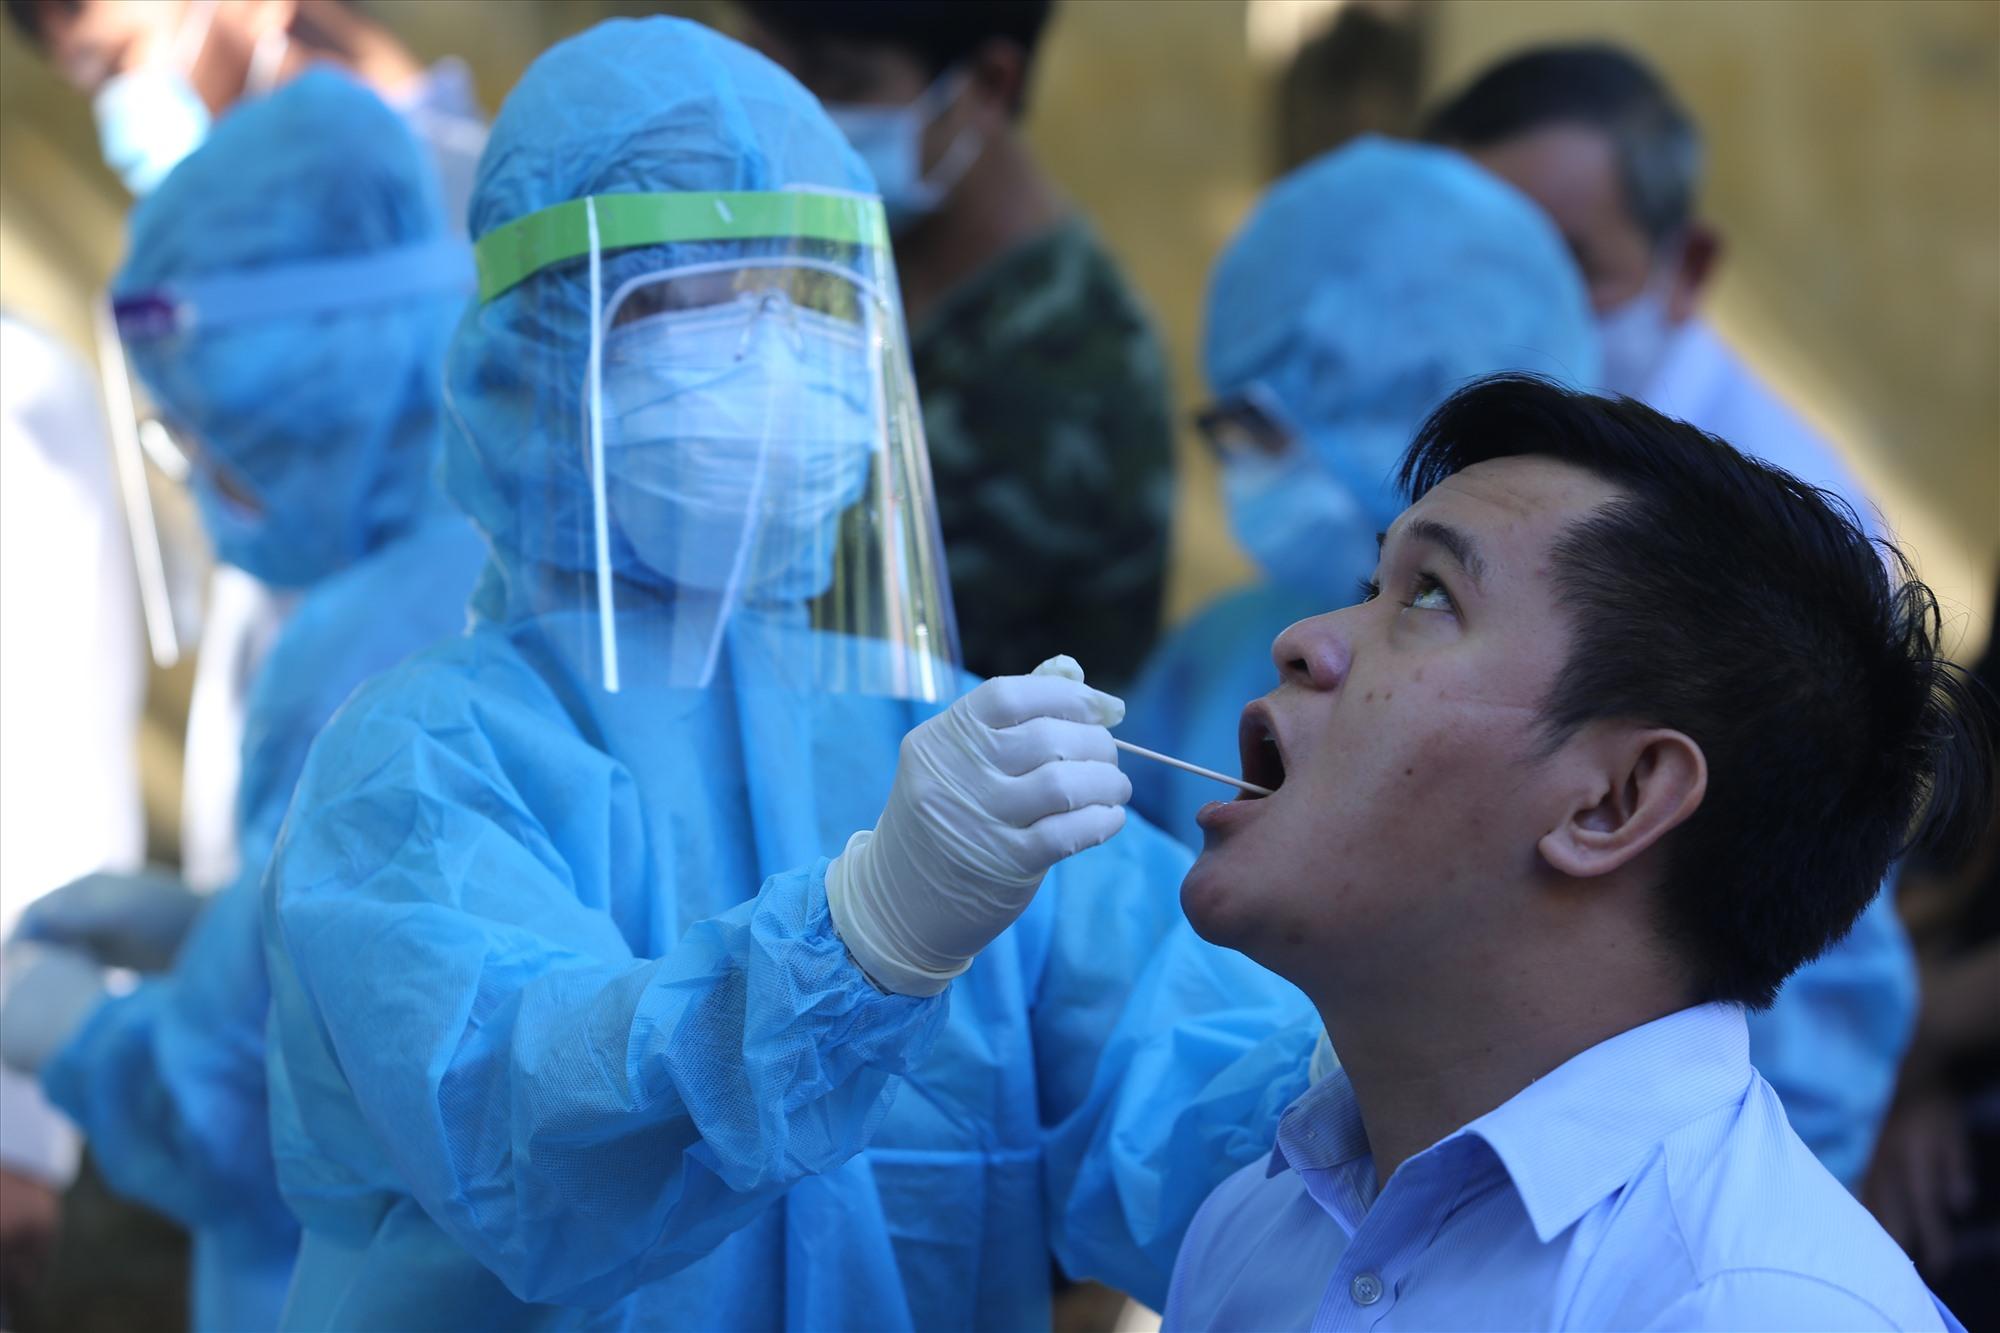 Cơ quan chức năng lấy mẫu xét nghiệm Covid-19 cho các phóng viên, nhà báo trên địa bàn Quảng Nam trong đợt dịch Covid-19 thứ hai vào giữa năm 2020.Ảnh: P.G